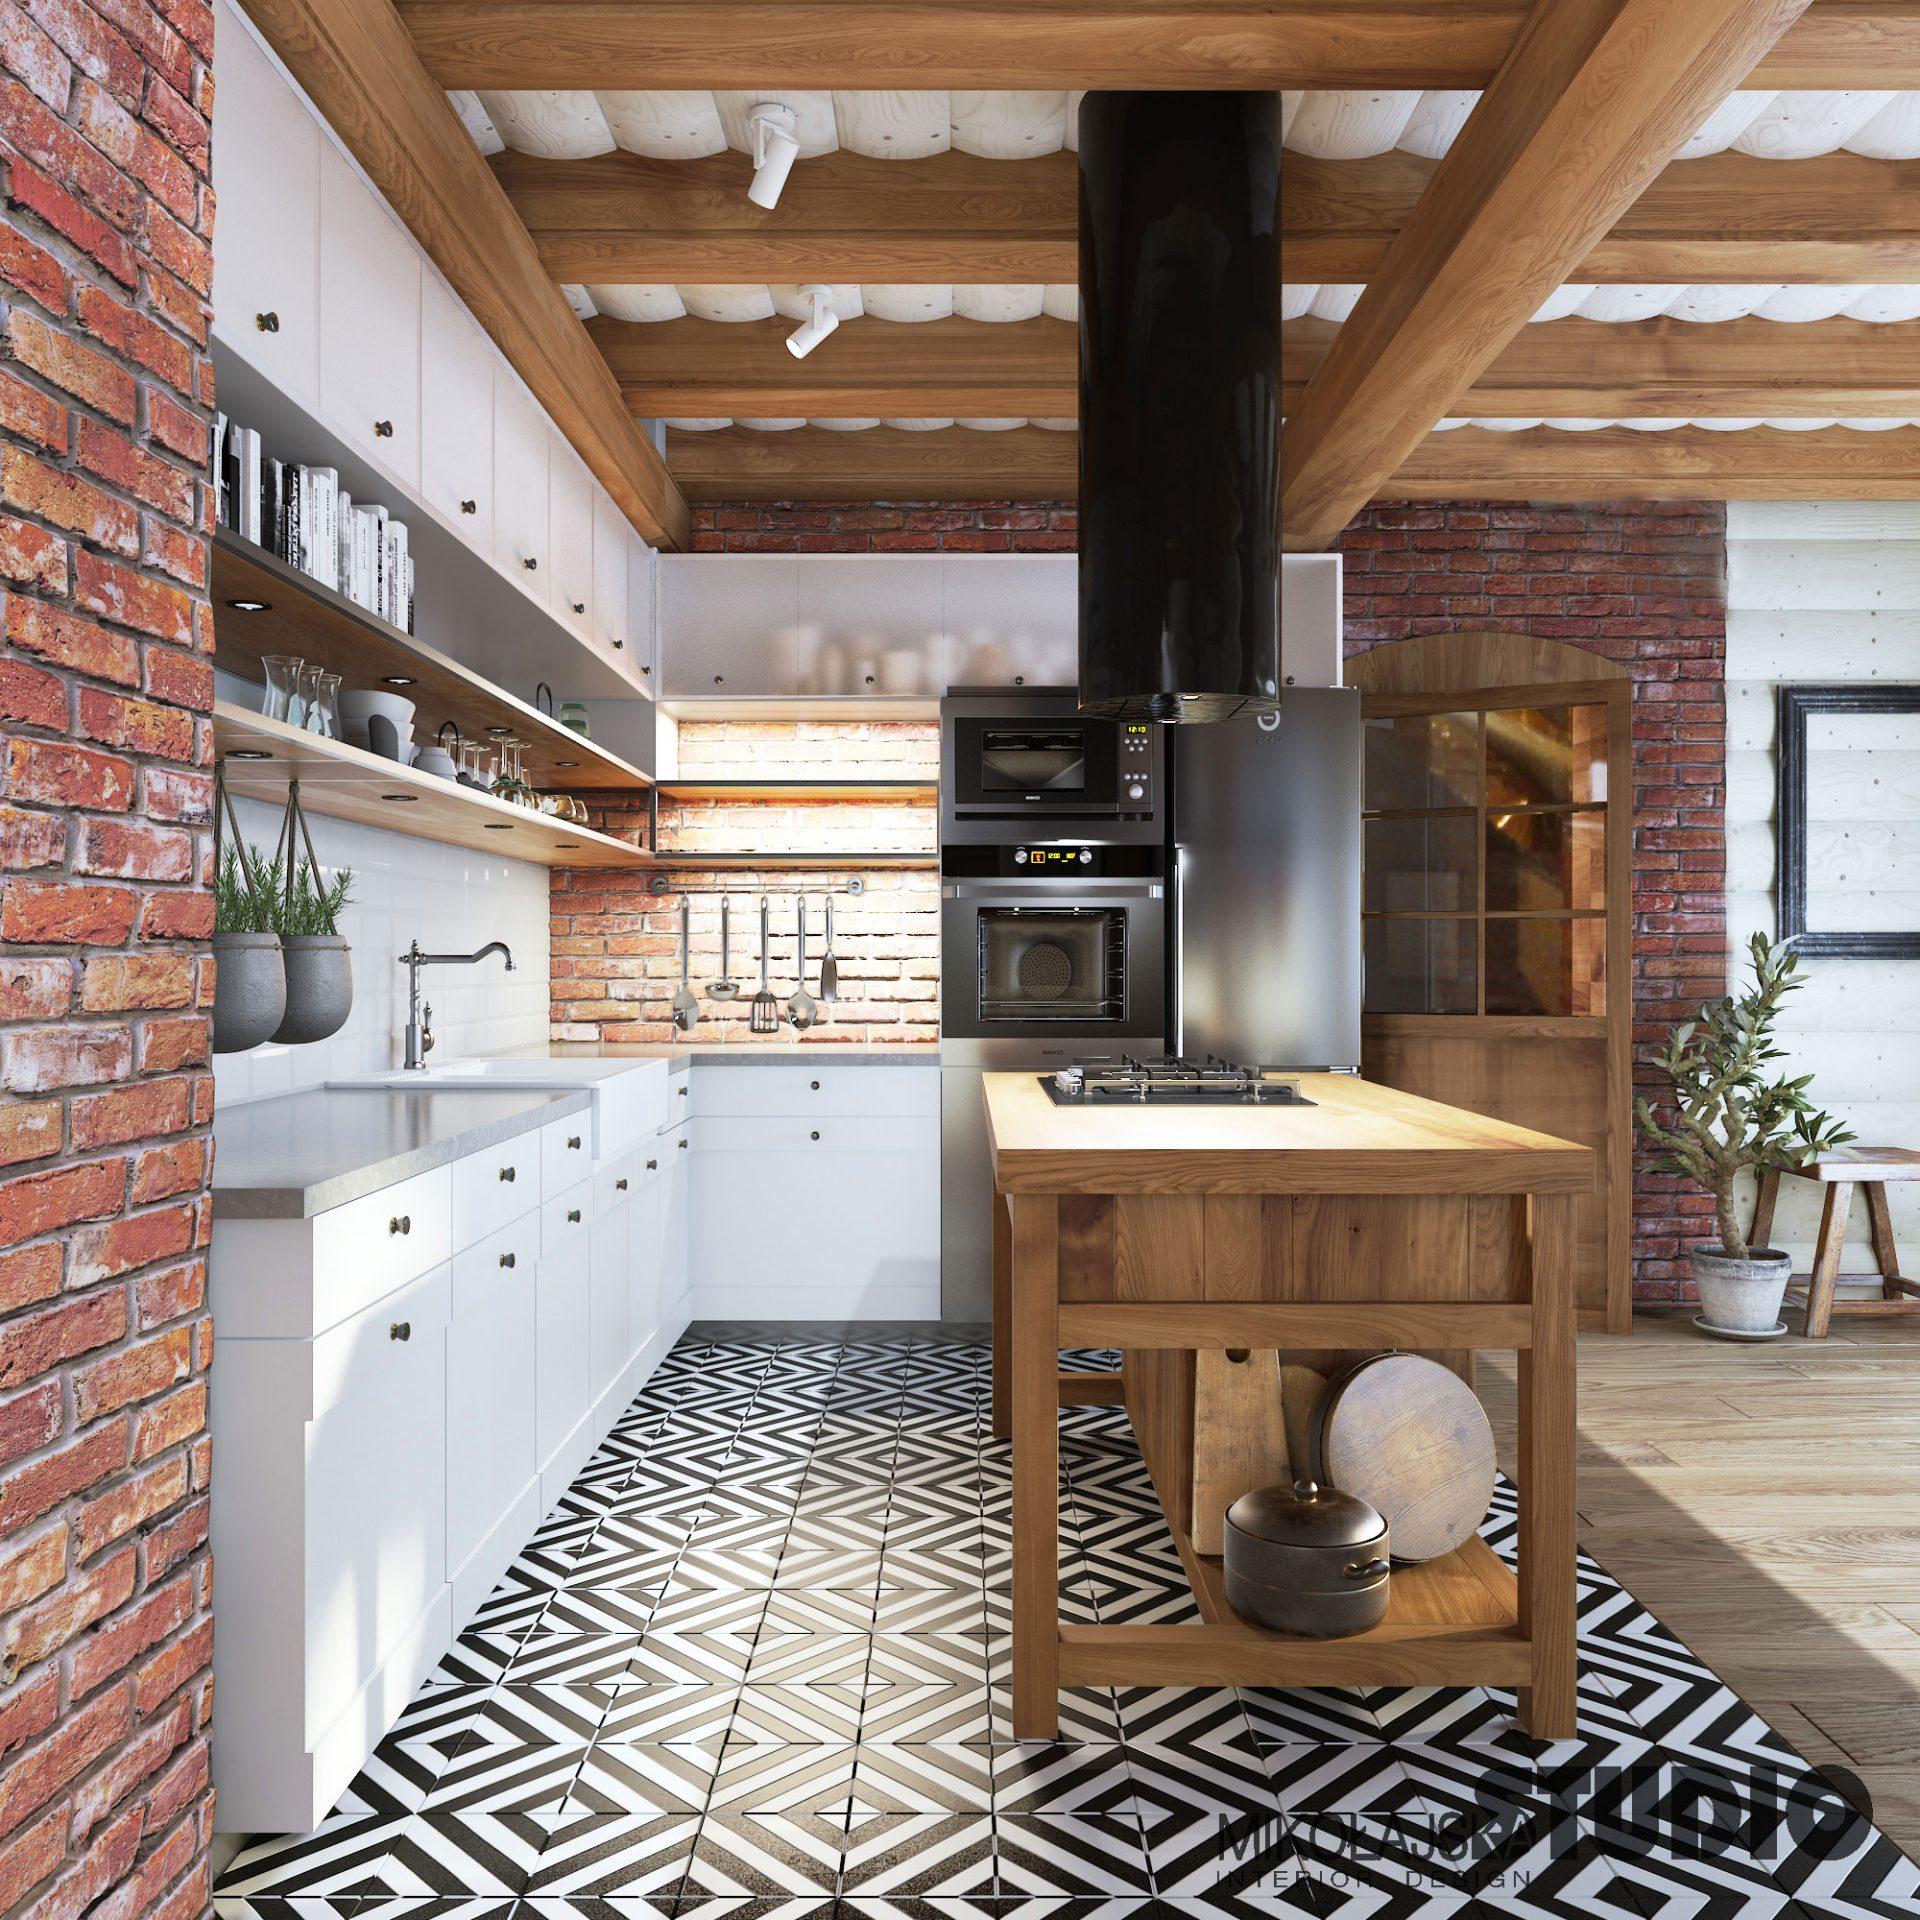 Jak Urzadzic Kuchnie W Stylu Rustykalnym M Mieszkanie